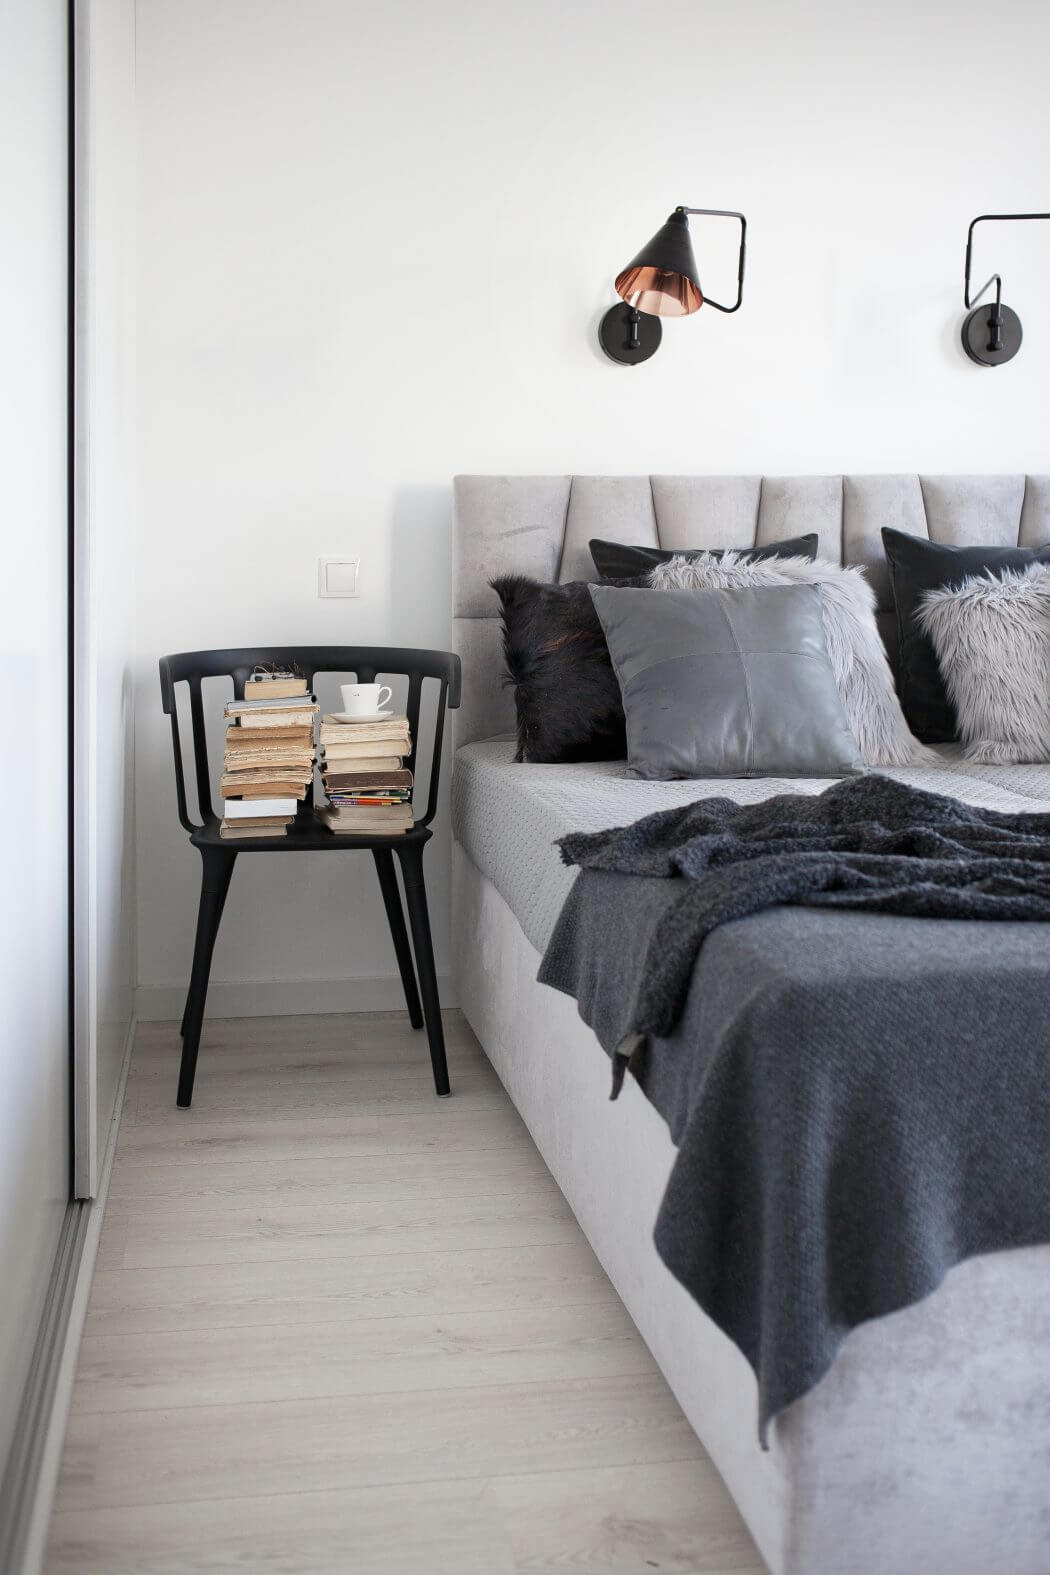 Zwarte Slaapkamer Ideeen: Zwarte slaapkamer ideeen voorbeelden ...